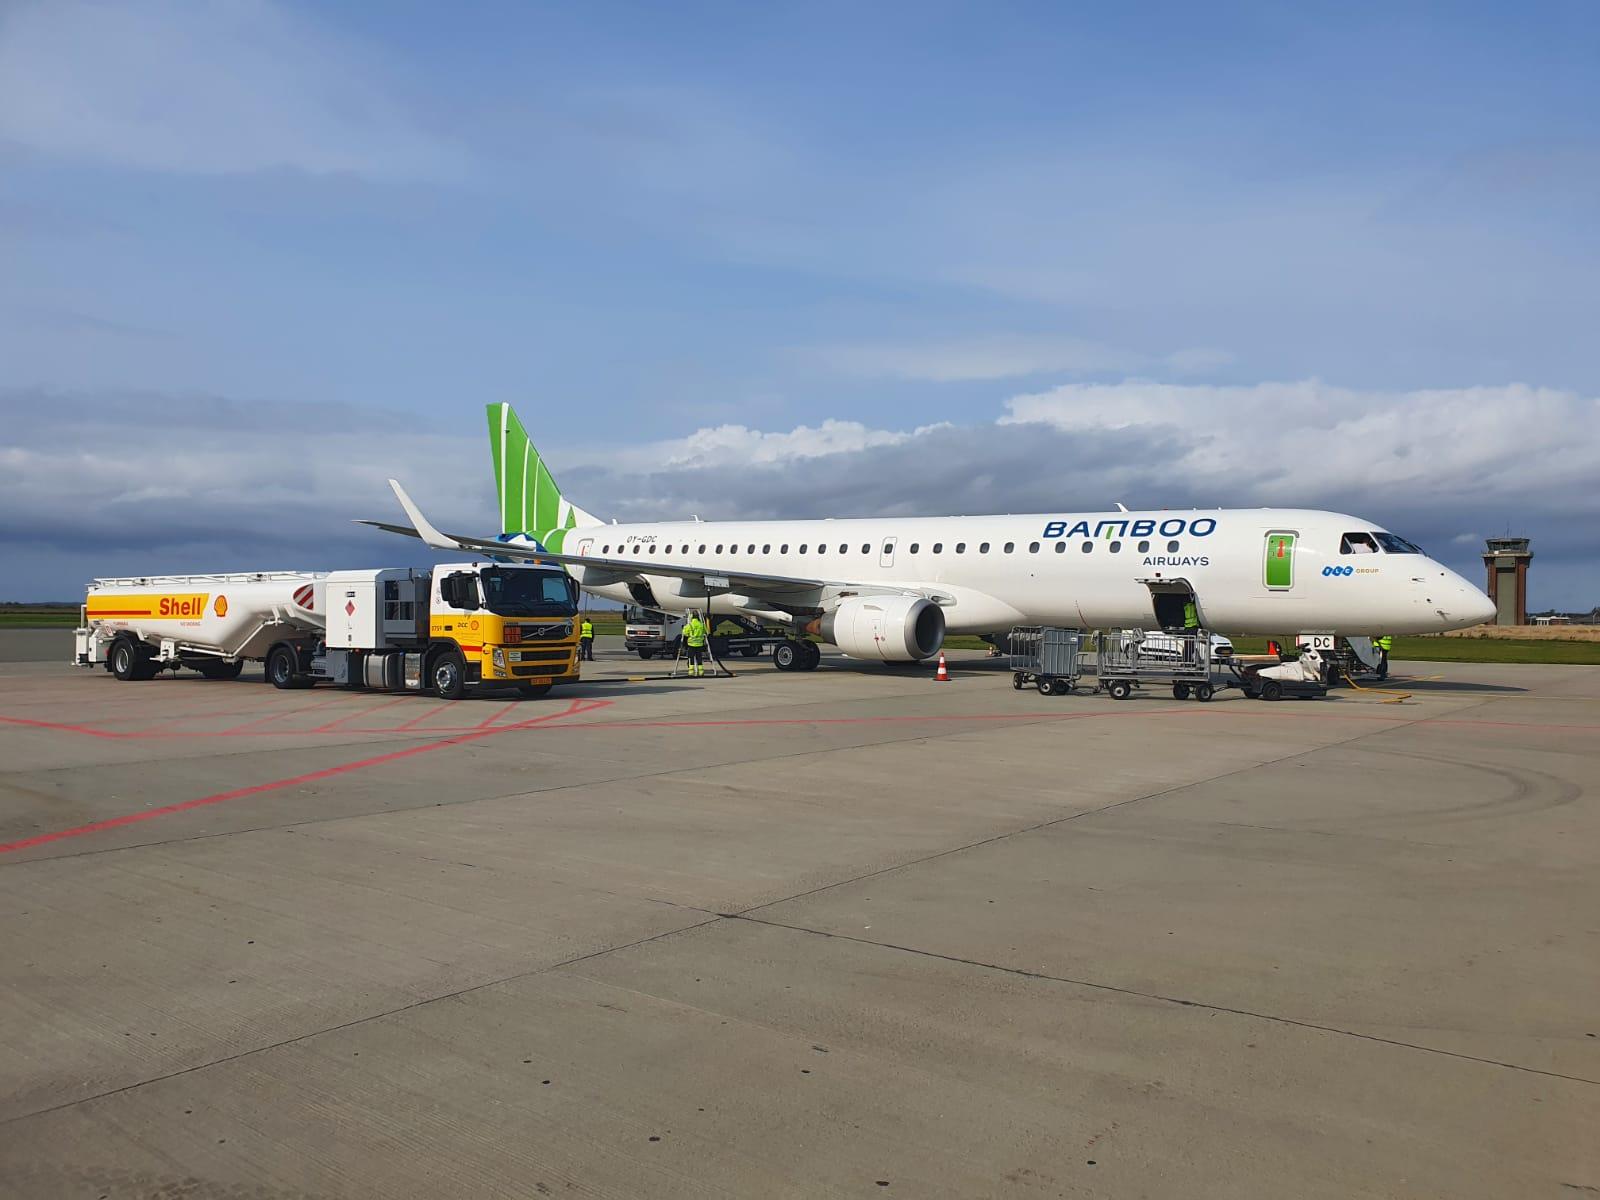 Bamboo Airways tri ân ưu đãi và vé bay thẳng miễn phí Côn Đảo từ Hà Nội, Vinh, Hải Phòng cho các cựu chiến binh cùng thân nhân - Ảnh 1